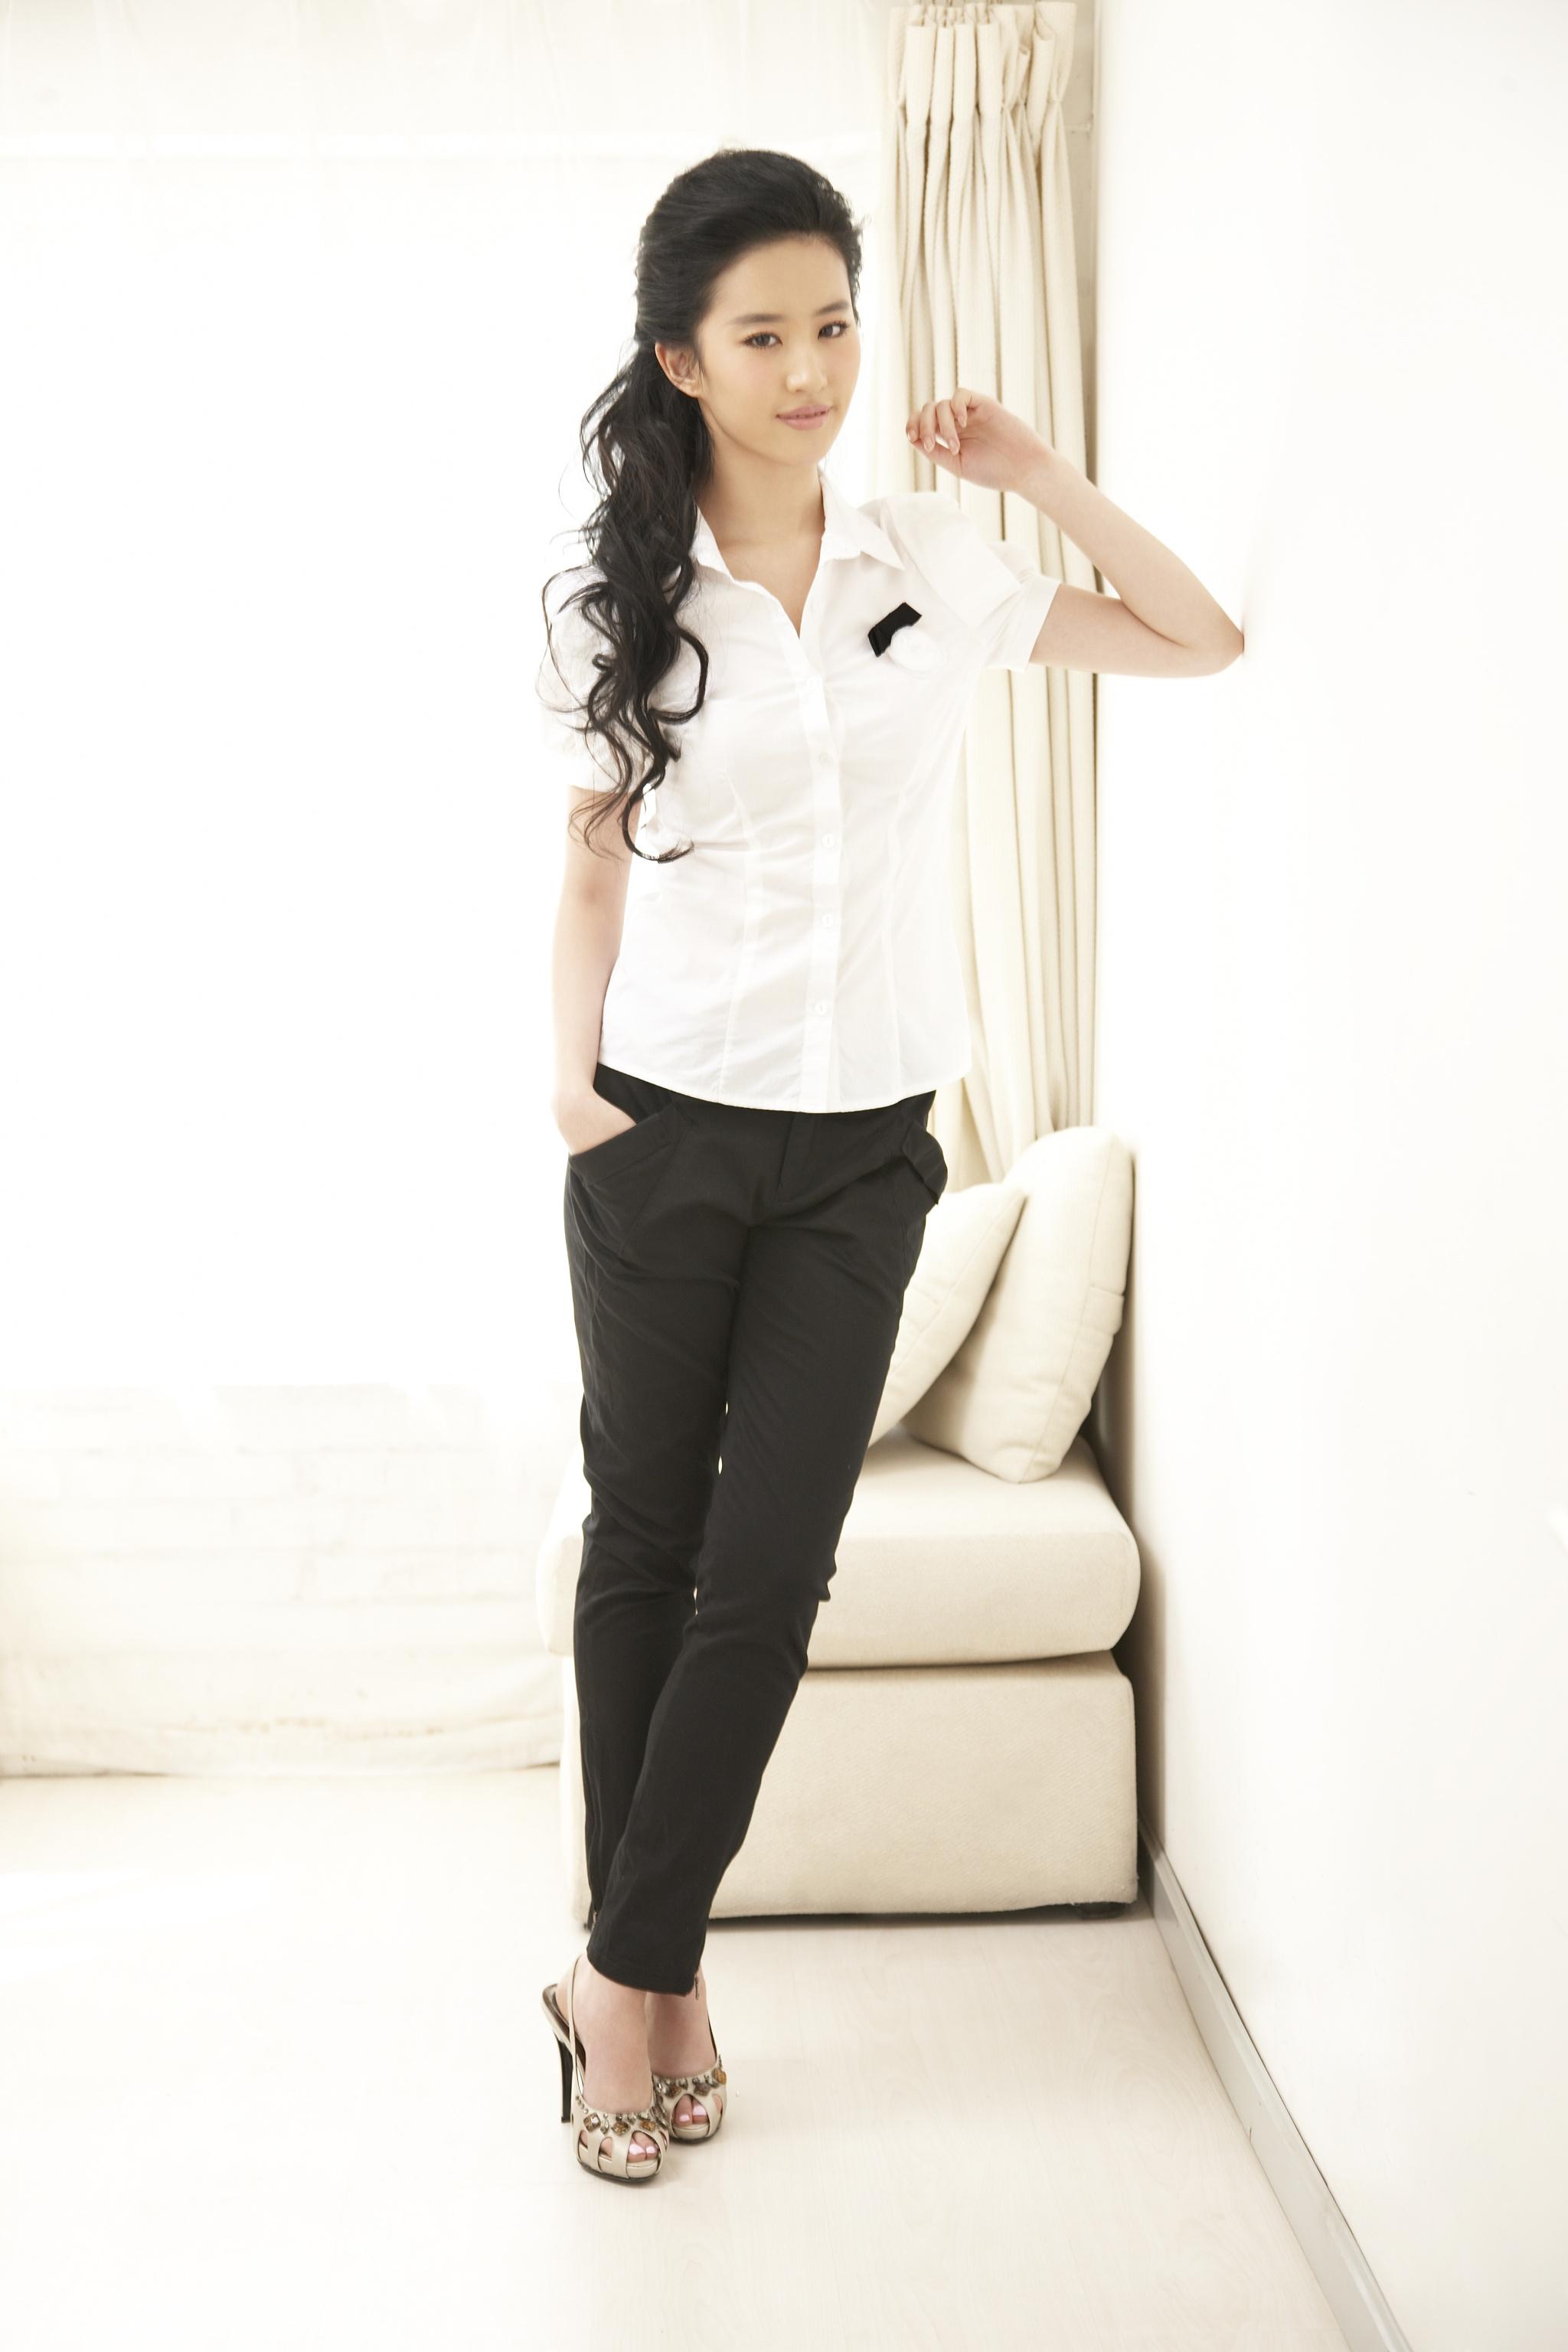 Yifei Liu: Yifei Liu's Feet